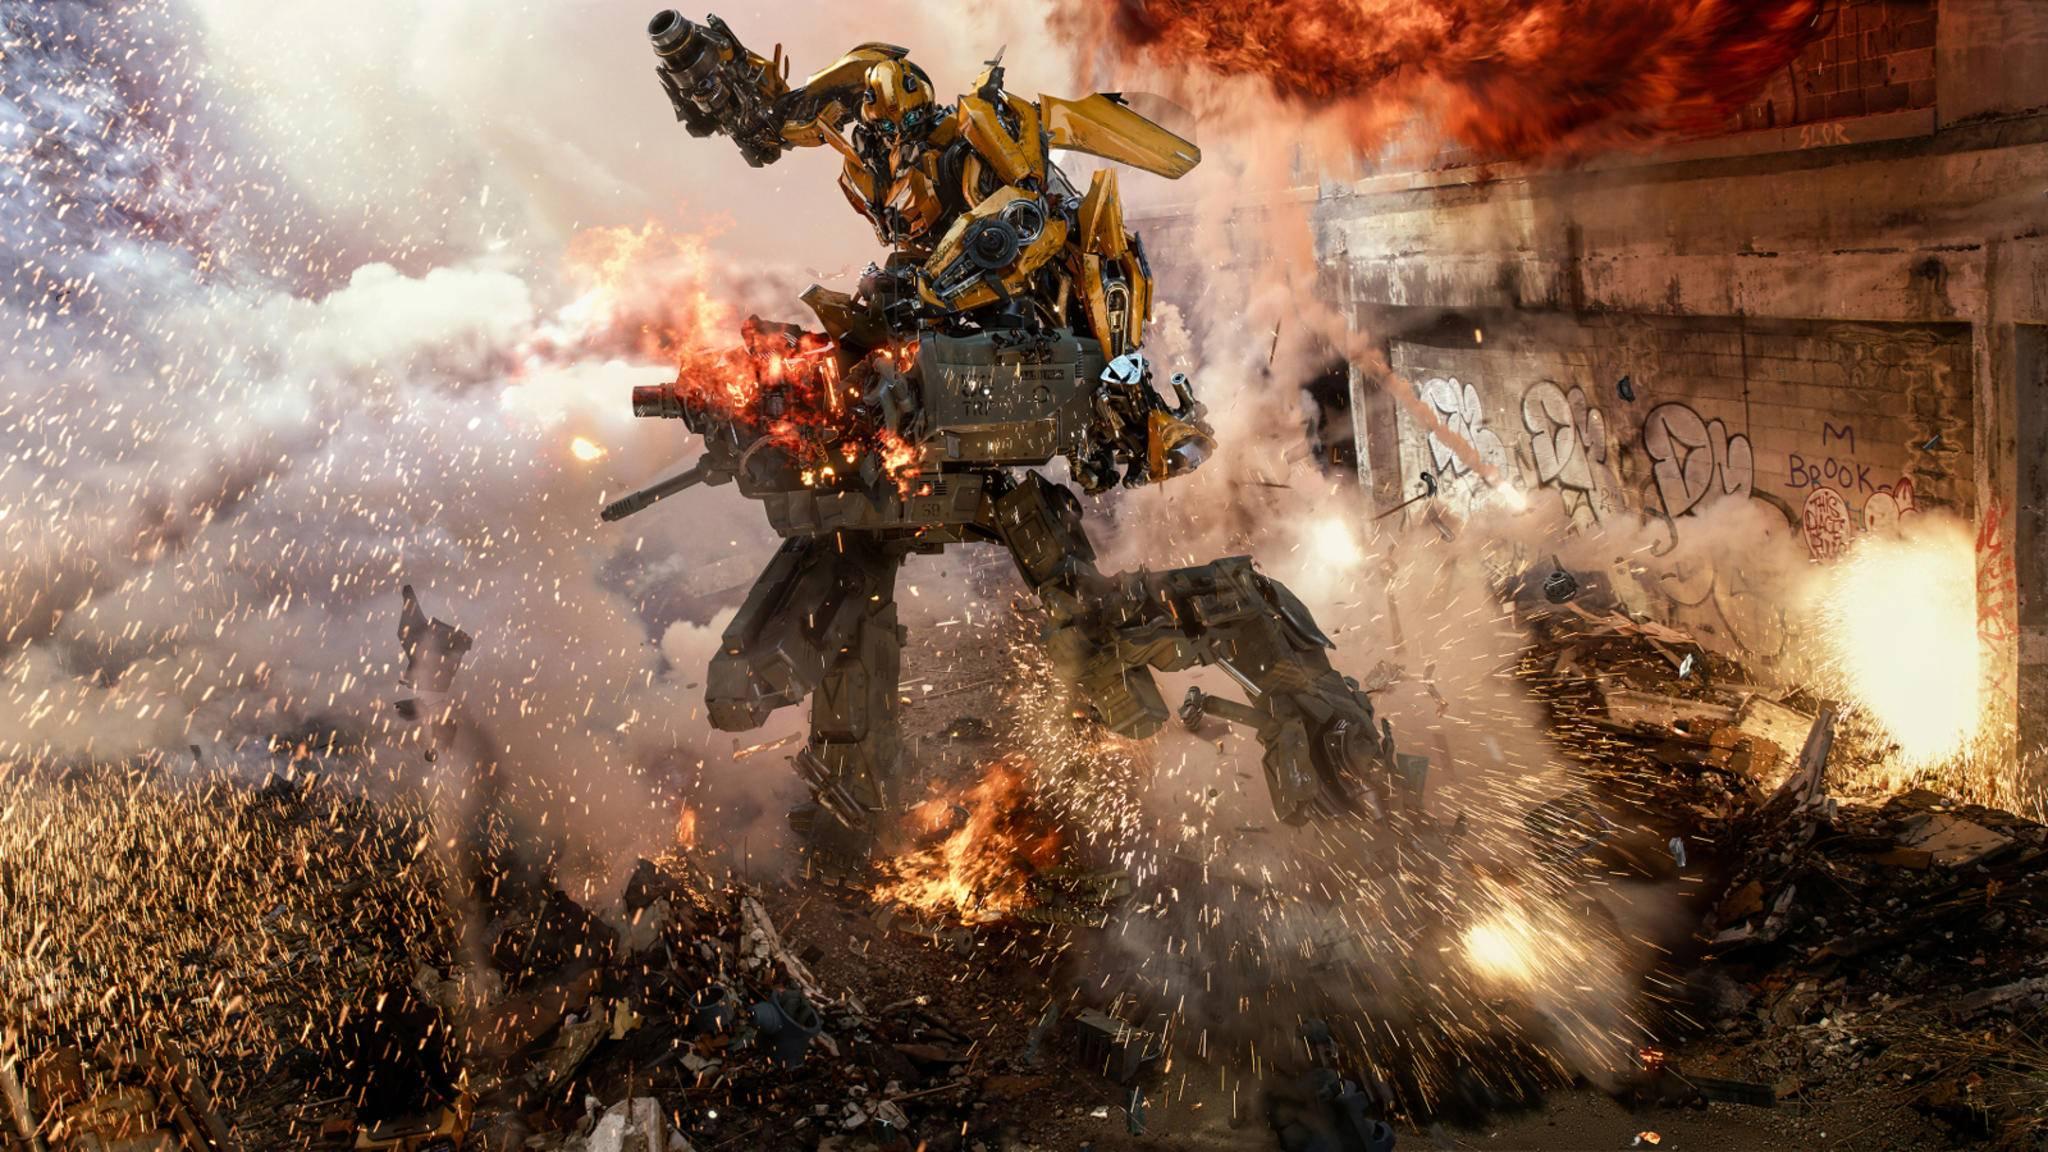 Wo die Transformers kämpfen, entstehen Kollateralschäden in Milliardenhöhe.